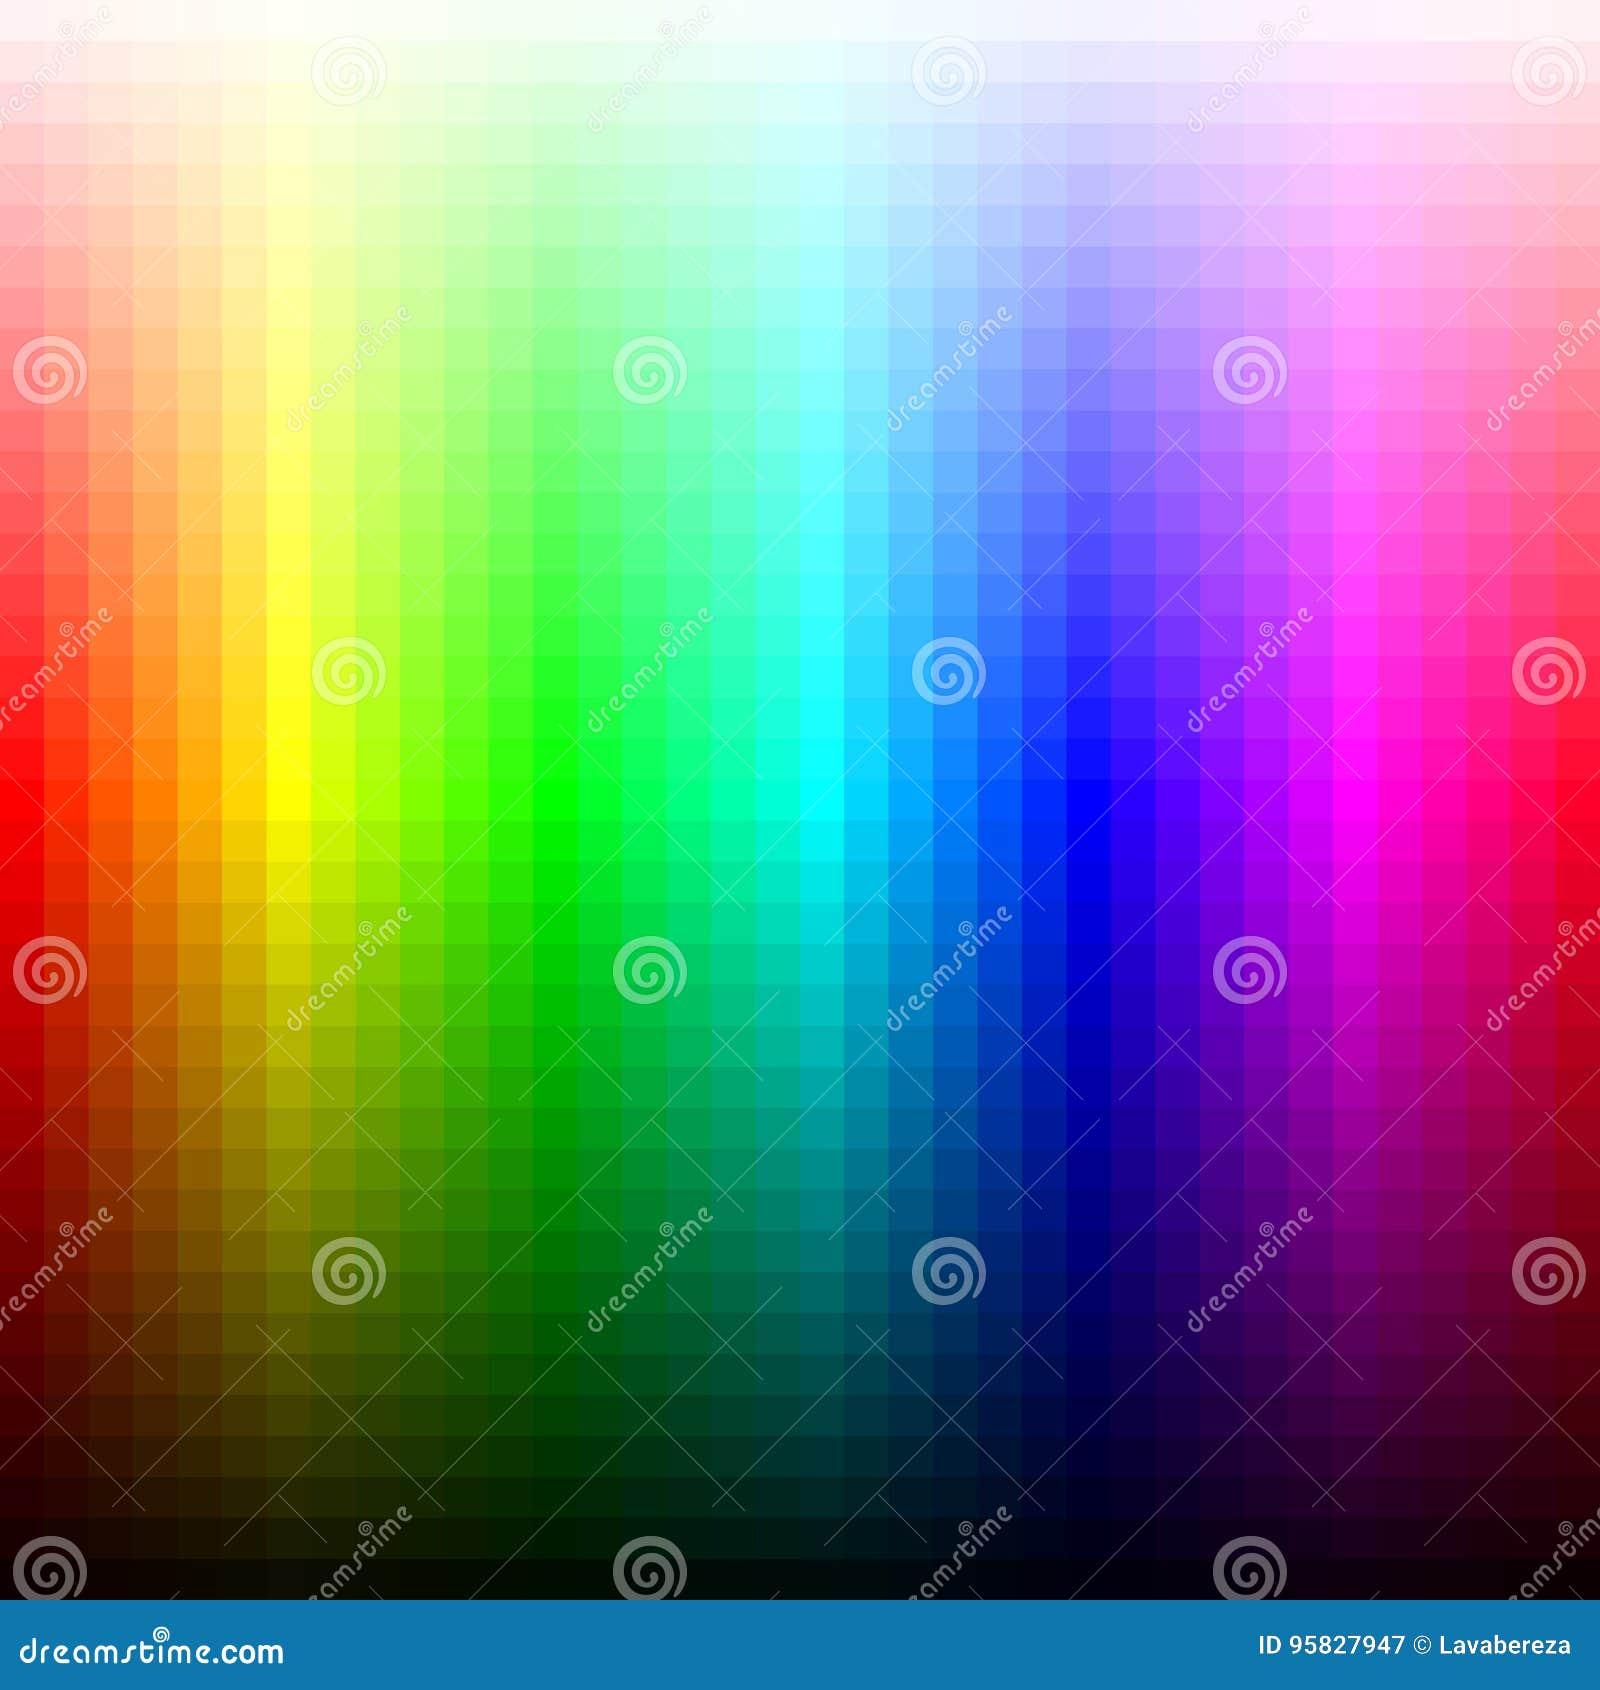 Koloru widma mozaiki paleta, odcień i świetlistość, wektor